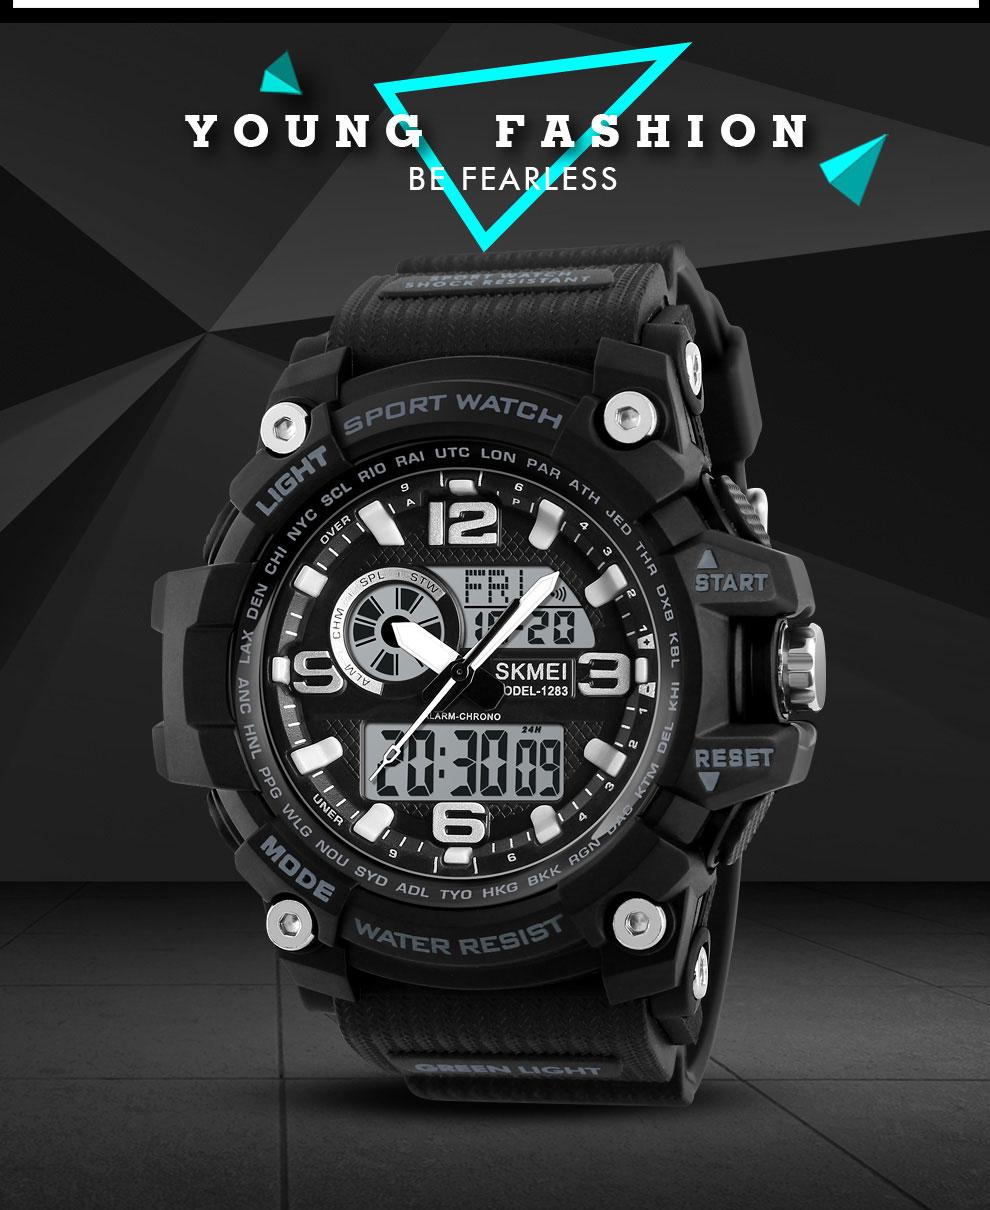 1283sport-watch1-(1)_05